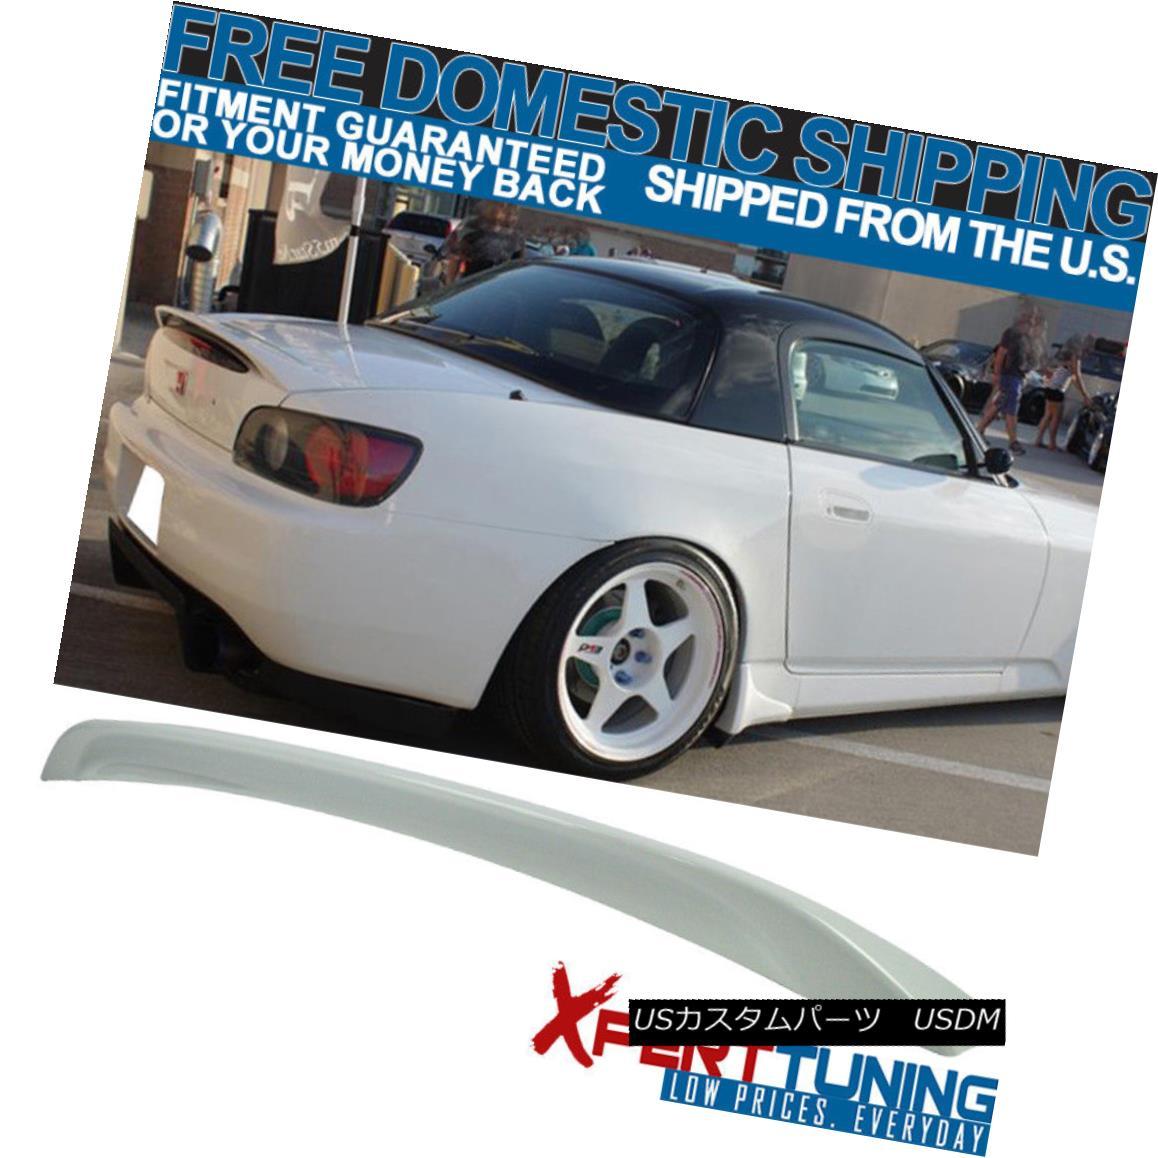 エアロパーツ 04 S2000 2Dr AP2 ABS Trunk Spoiler Painted Taffeta White # NH578 - ABS 04 S2000 2Dr AP2 ABSトランクスポイラー塗装タフタ白#NH578 - ABS